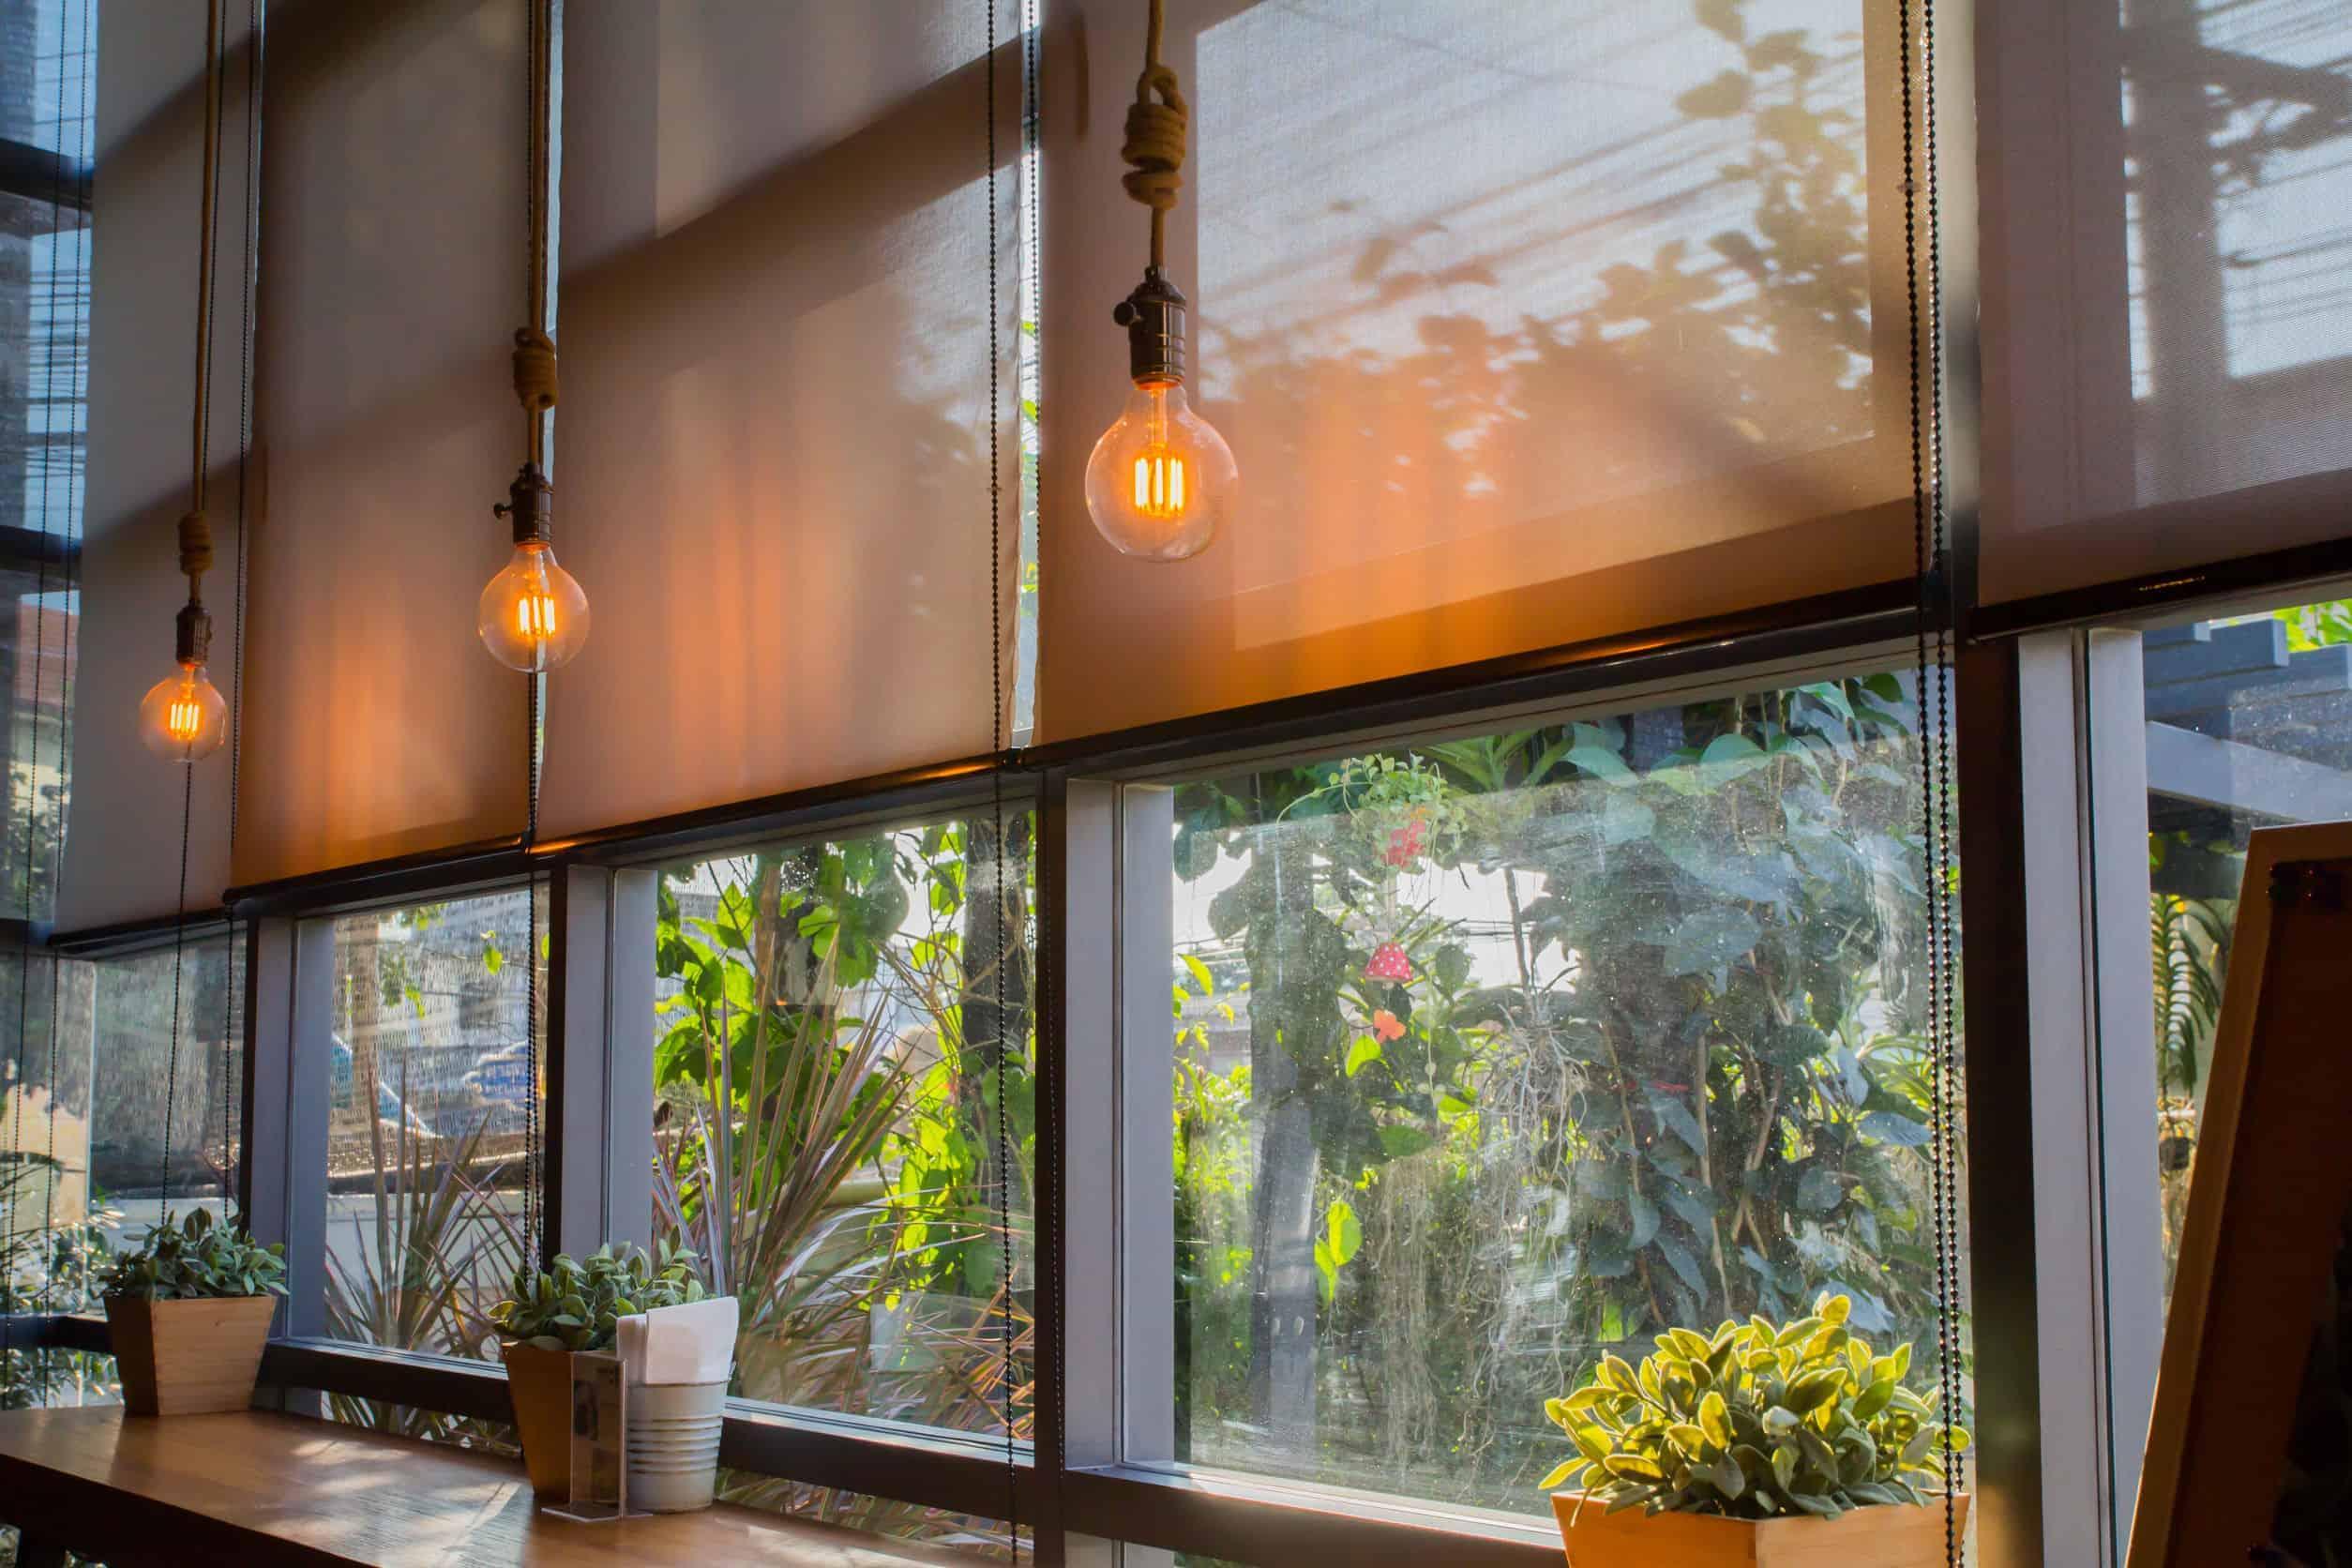 Full Size of Duo Rollo Wohnzimmer Doppelrollo Test Empfehlungen 05 20 Einrichtungsradar Lampen Deckenlampen Decken Deckenlampe Vorhänge Insektenschutzrollo Fenster Wohnzimmer Duo Rollo Wohnzimmer